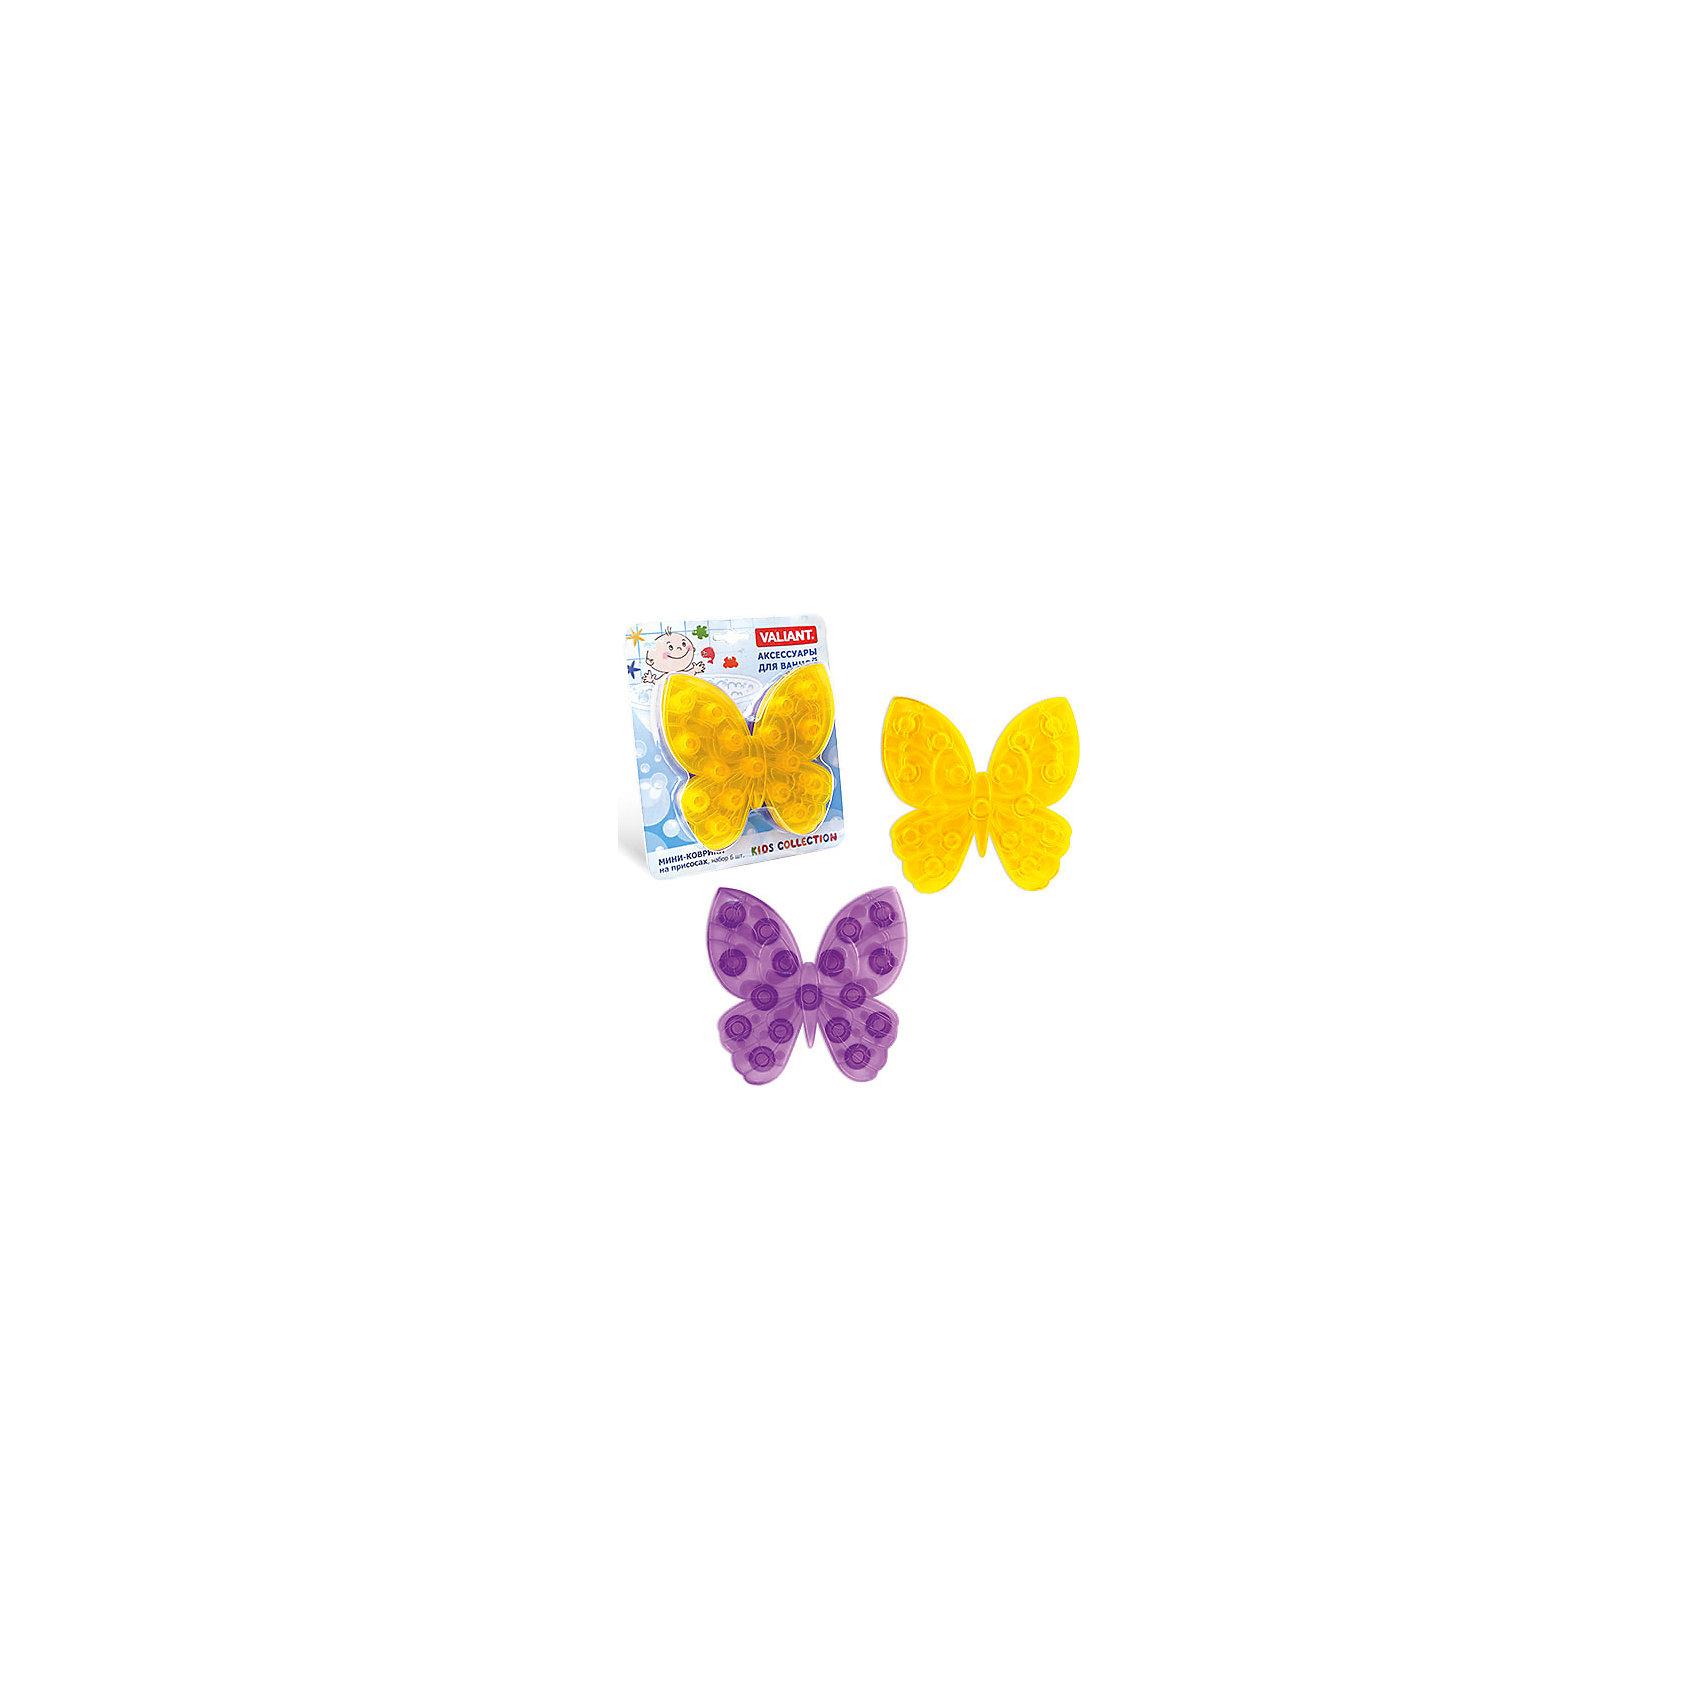 Набор ковриков Мотылек на присосках (6 шт)Ванная комната<br>Мини-коврики для ванной комнаты - это яркое дополнение к купанию малыша. Это и игра и развитие моторики и изучение зверушек. <br>Колоссальный и постоянно растущий спрос на них обусловлен реакцией малышей и их мам на данное изобретение по всему миру.<br>Мини-коврики снабжены присосками и превосходно клеятся на влажный кафель.<br><br>Ширина мм: 170<br>Глубина мм: 35<br>Высота мм: 200<br>Вес г: 192<br>Возраст от месяцев: -2147483648<br>Возраст до месяцев: 2147483647<br>Пол: Унисекс<br>Возраст: Детский<br>SKU: 4563329